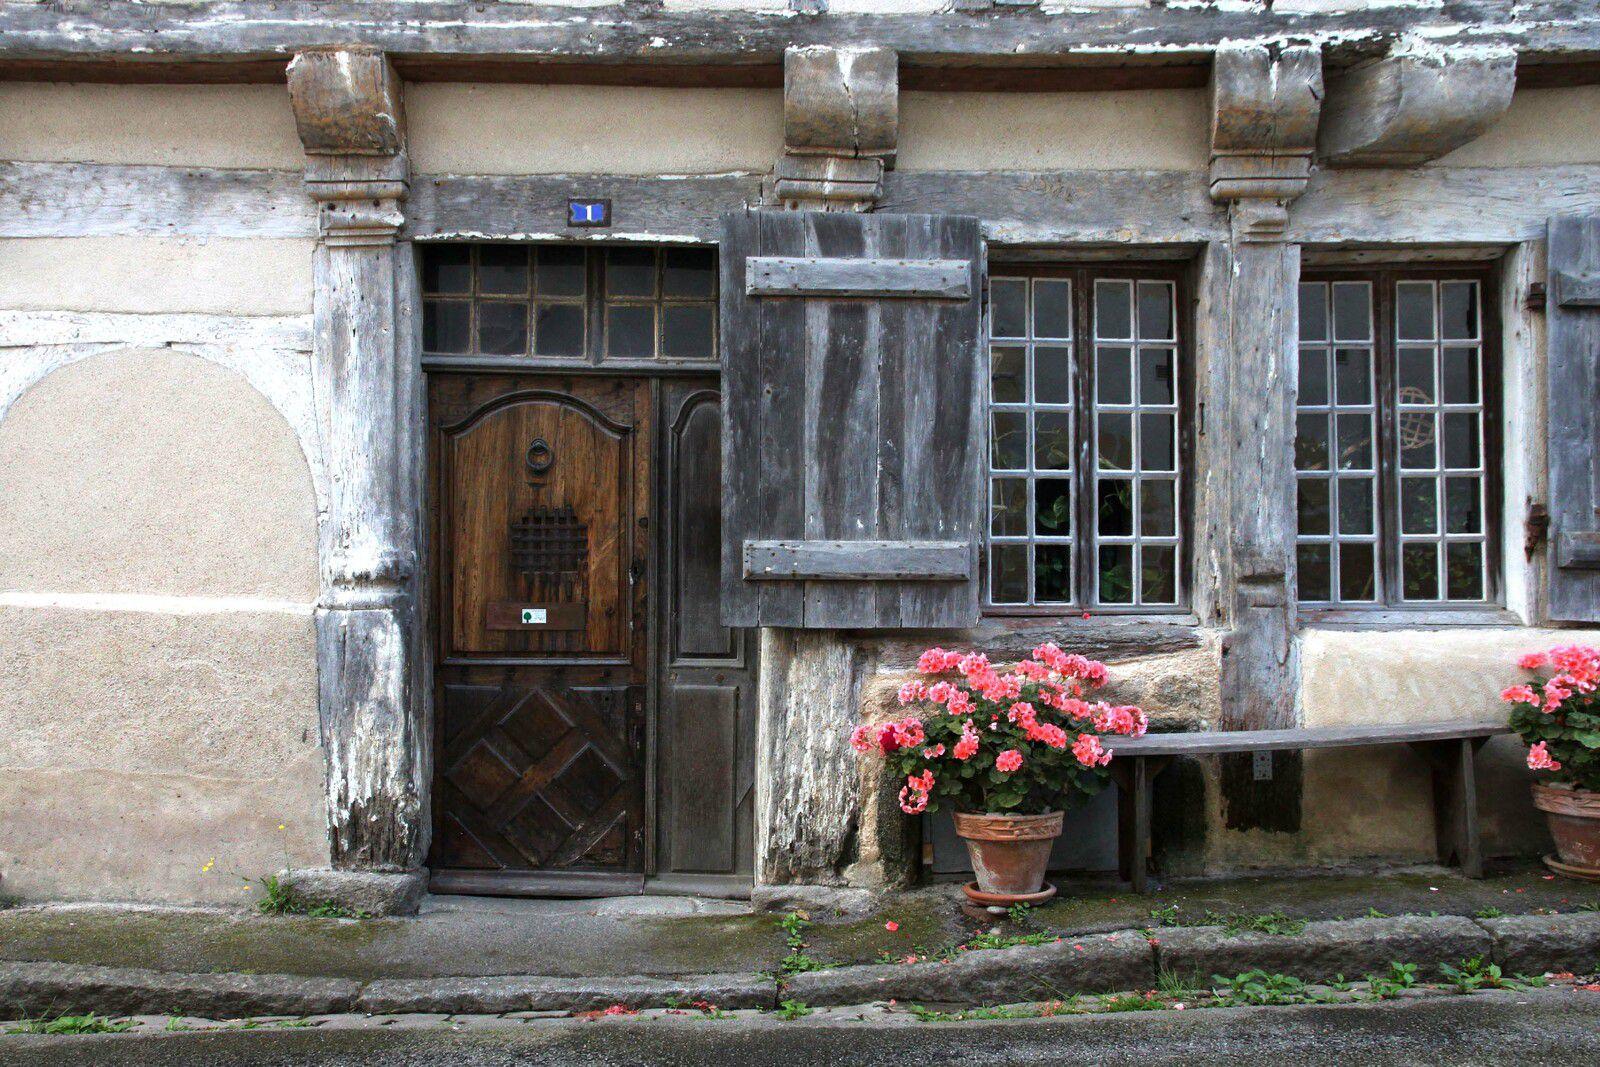 Portes et fenêtres font toujours partie de mes intérêts